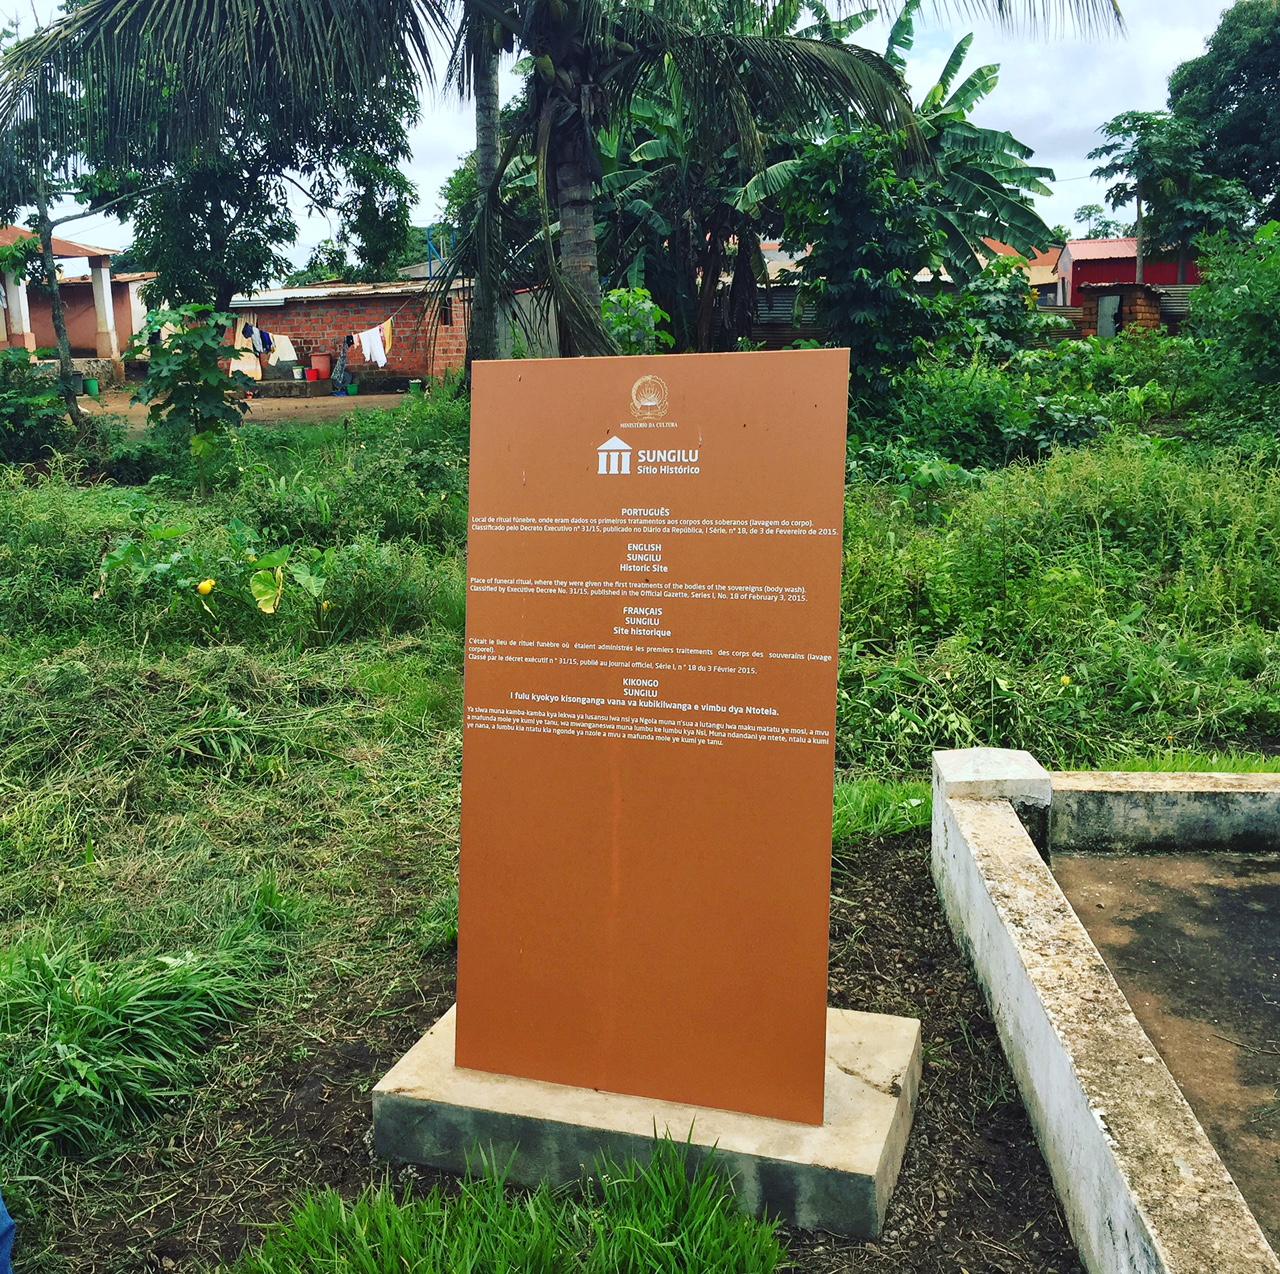 Placa do Museu do Reino do Congo, em Mbanza Congo, cidade classifica pela UNESCO como património cultural da humanidade